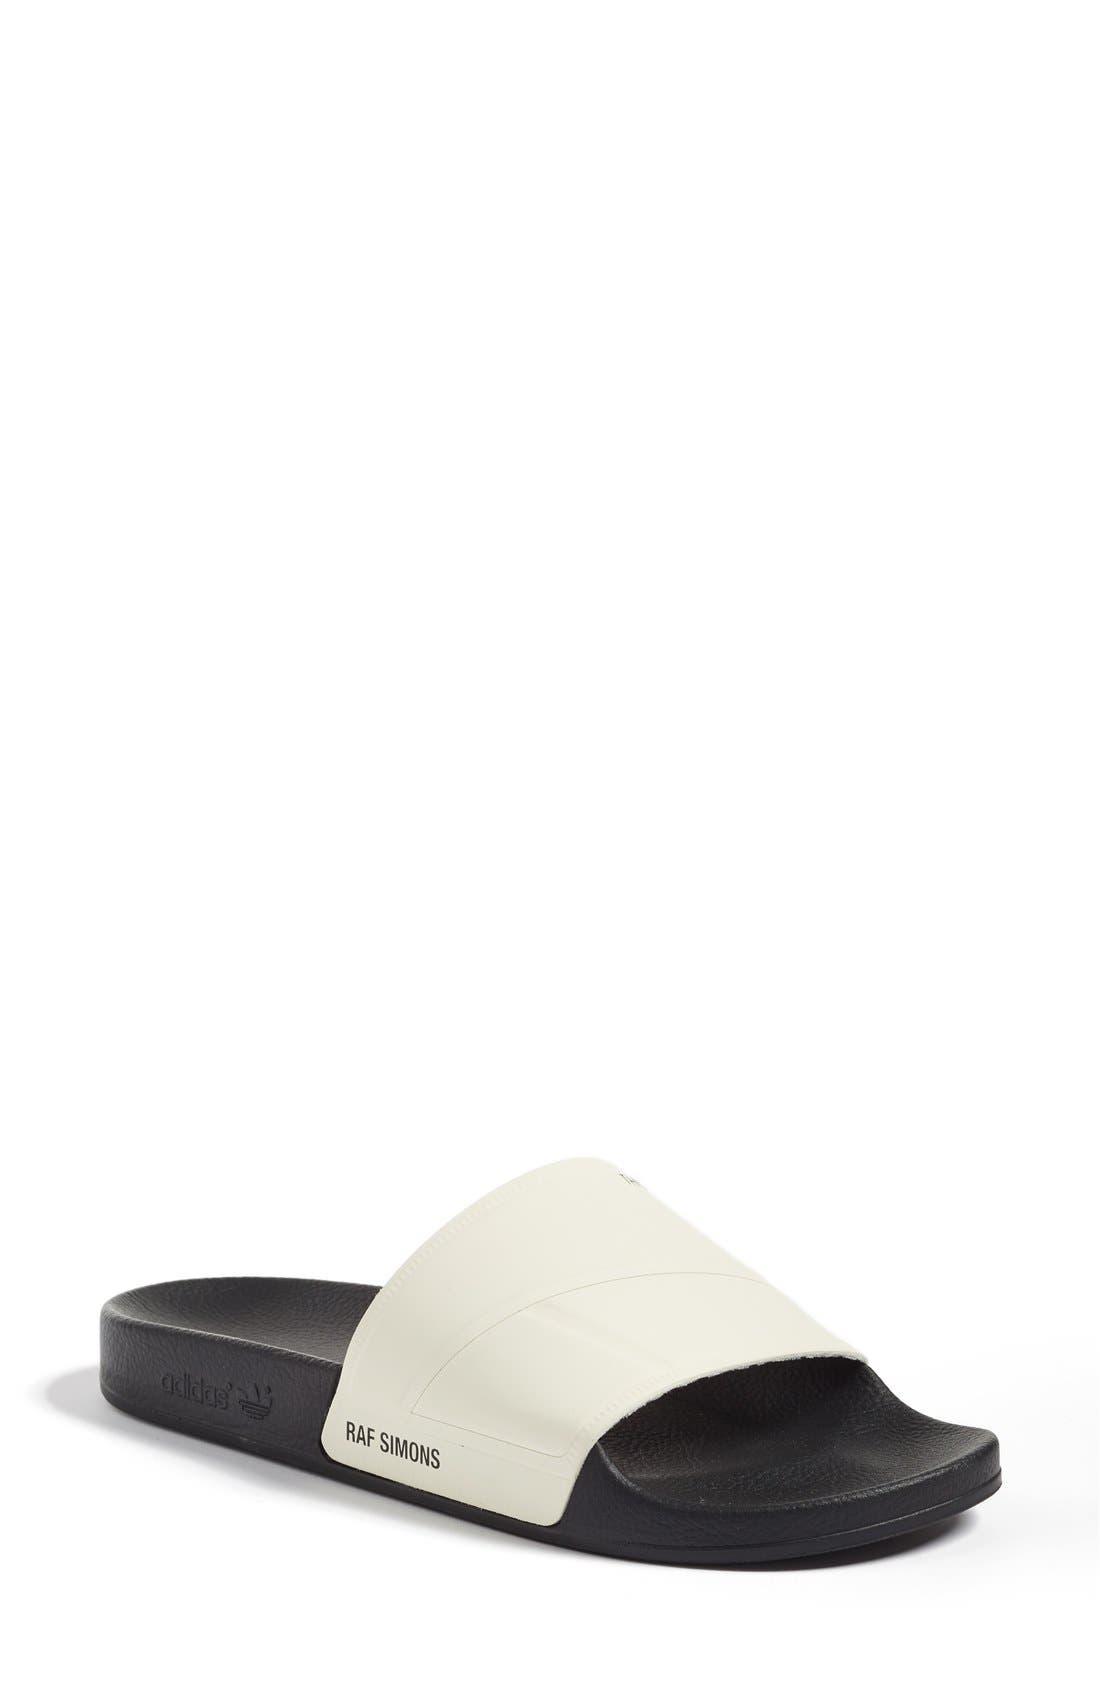 Bunny Adilette Slide Sandal,                             Main thumbnail 1, color,                             Cream White